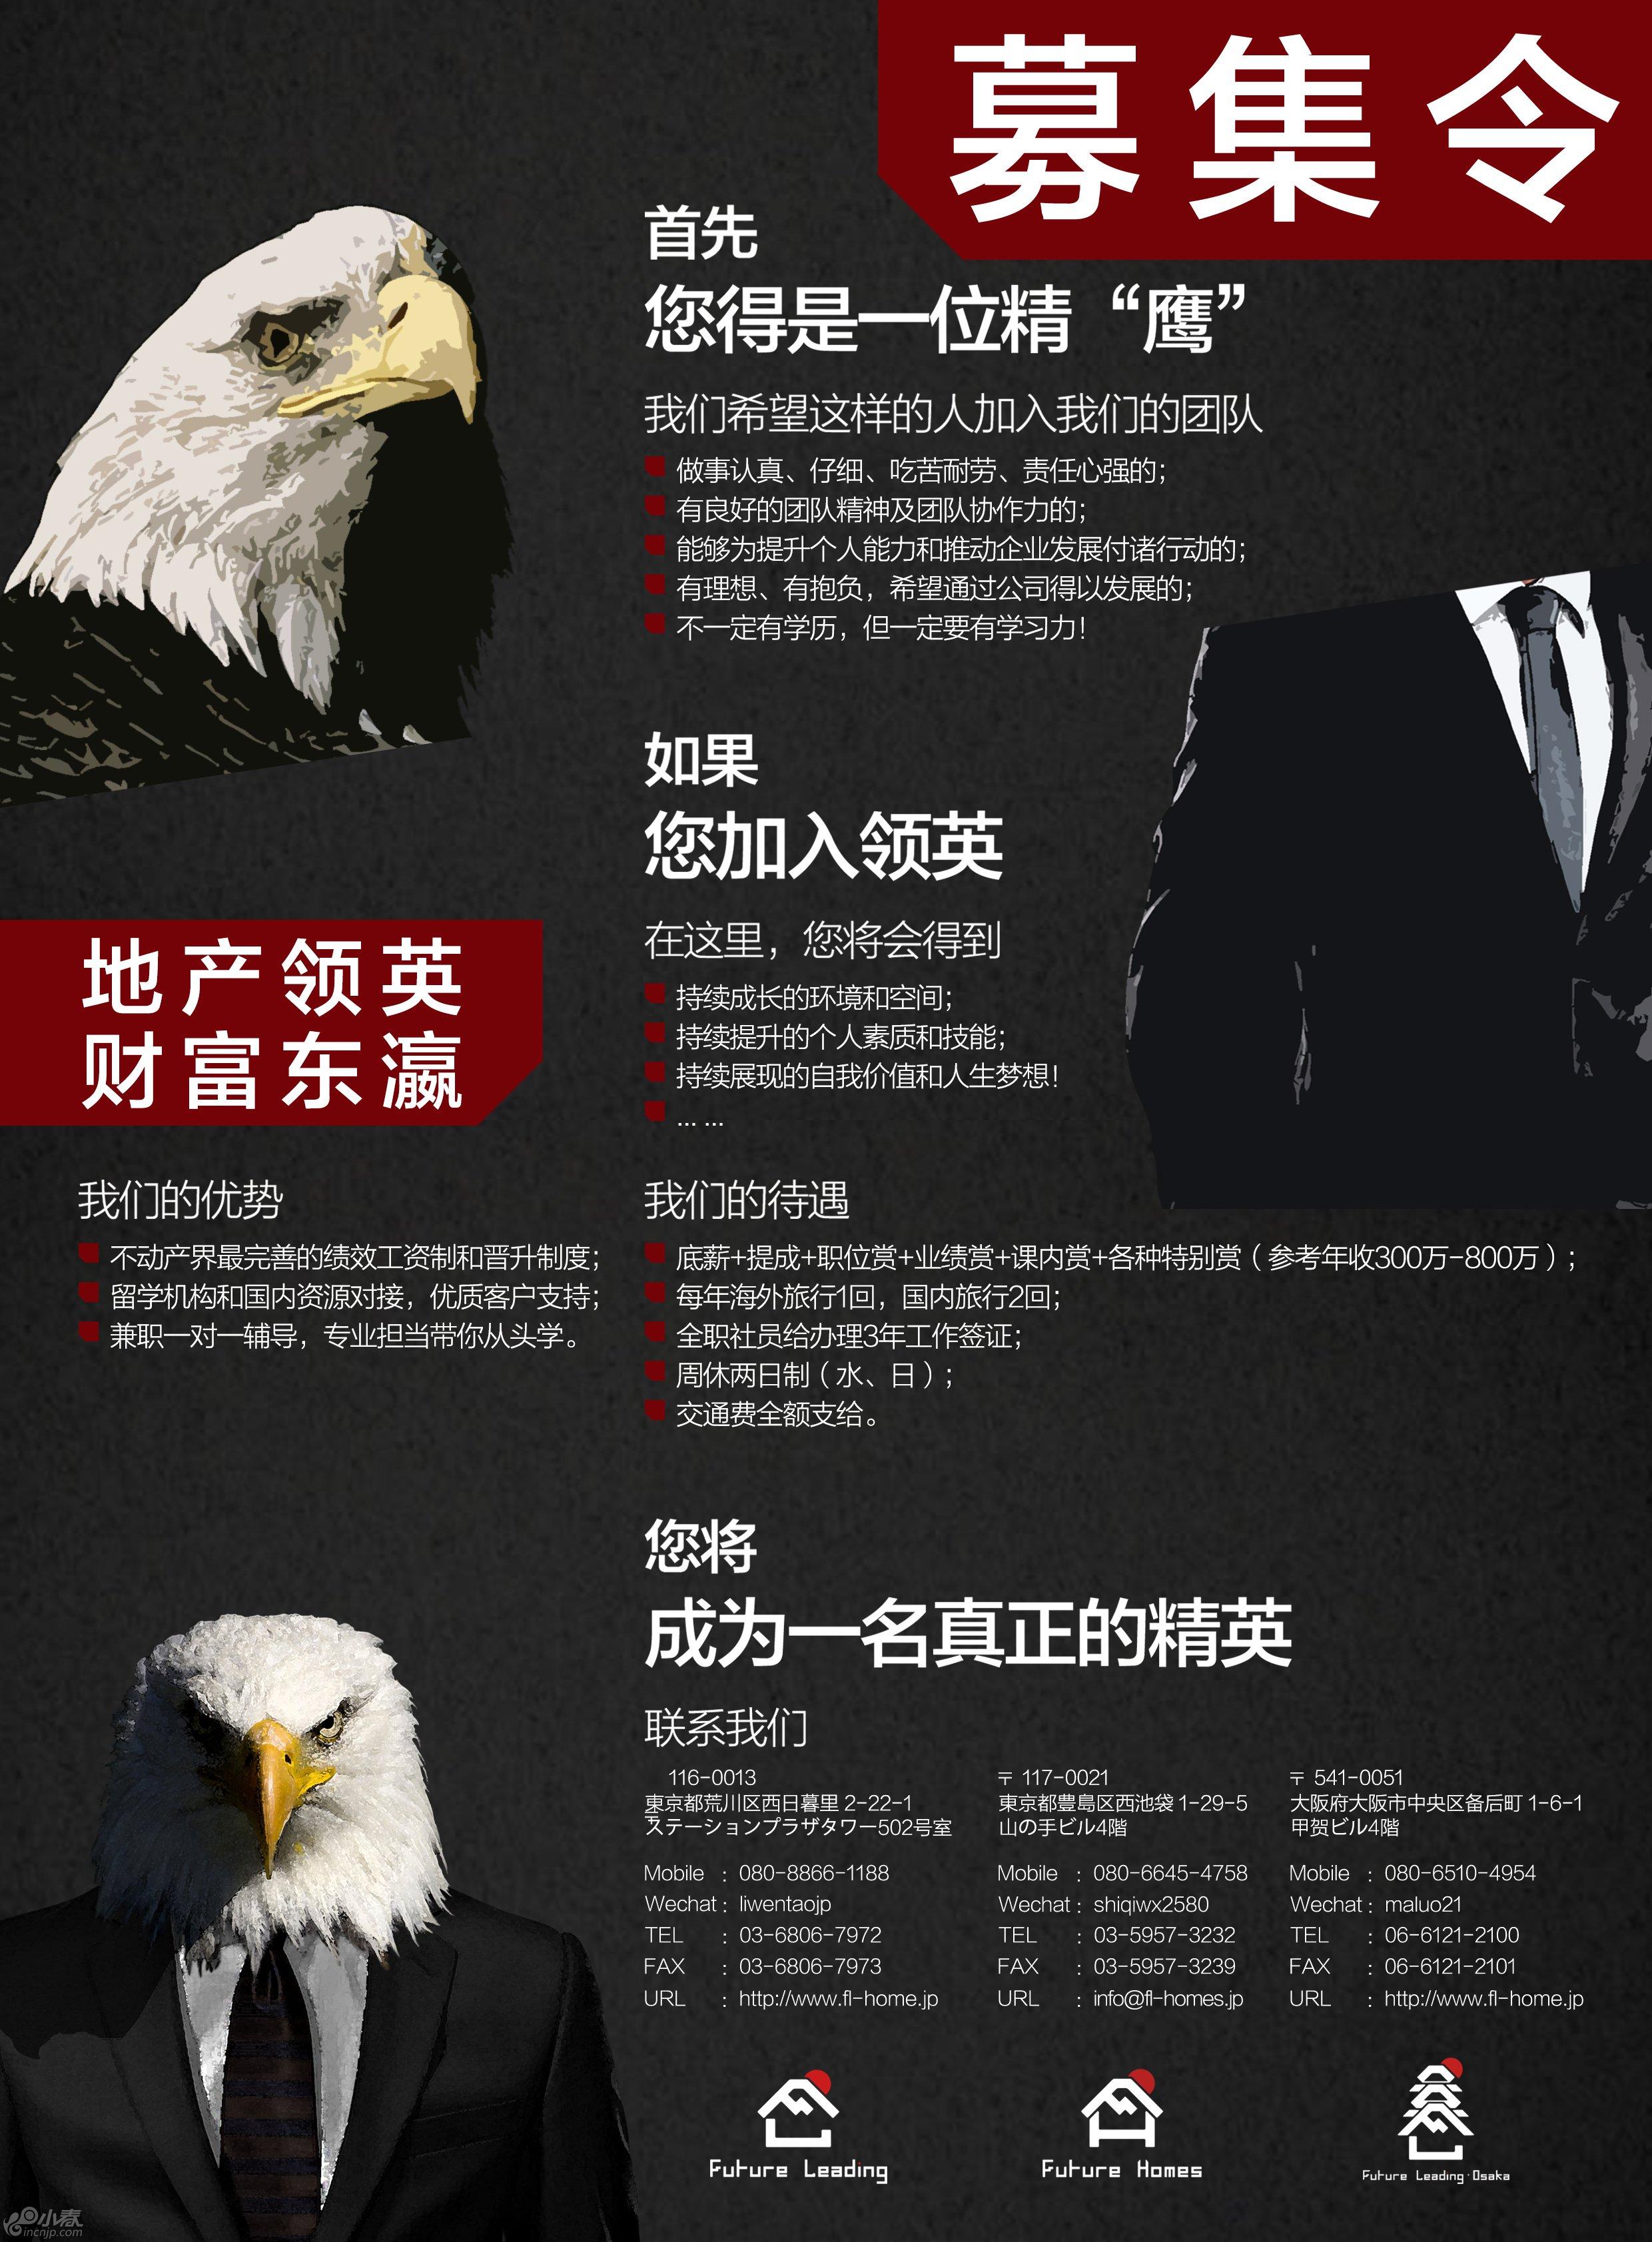 招聘海报 黑鹰版.jpg